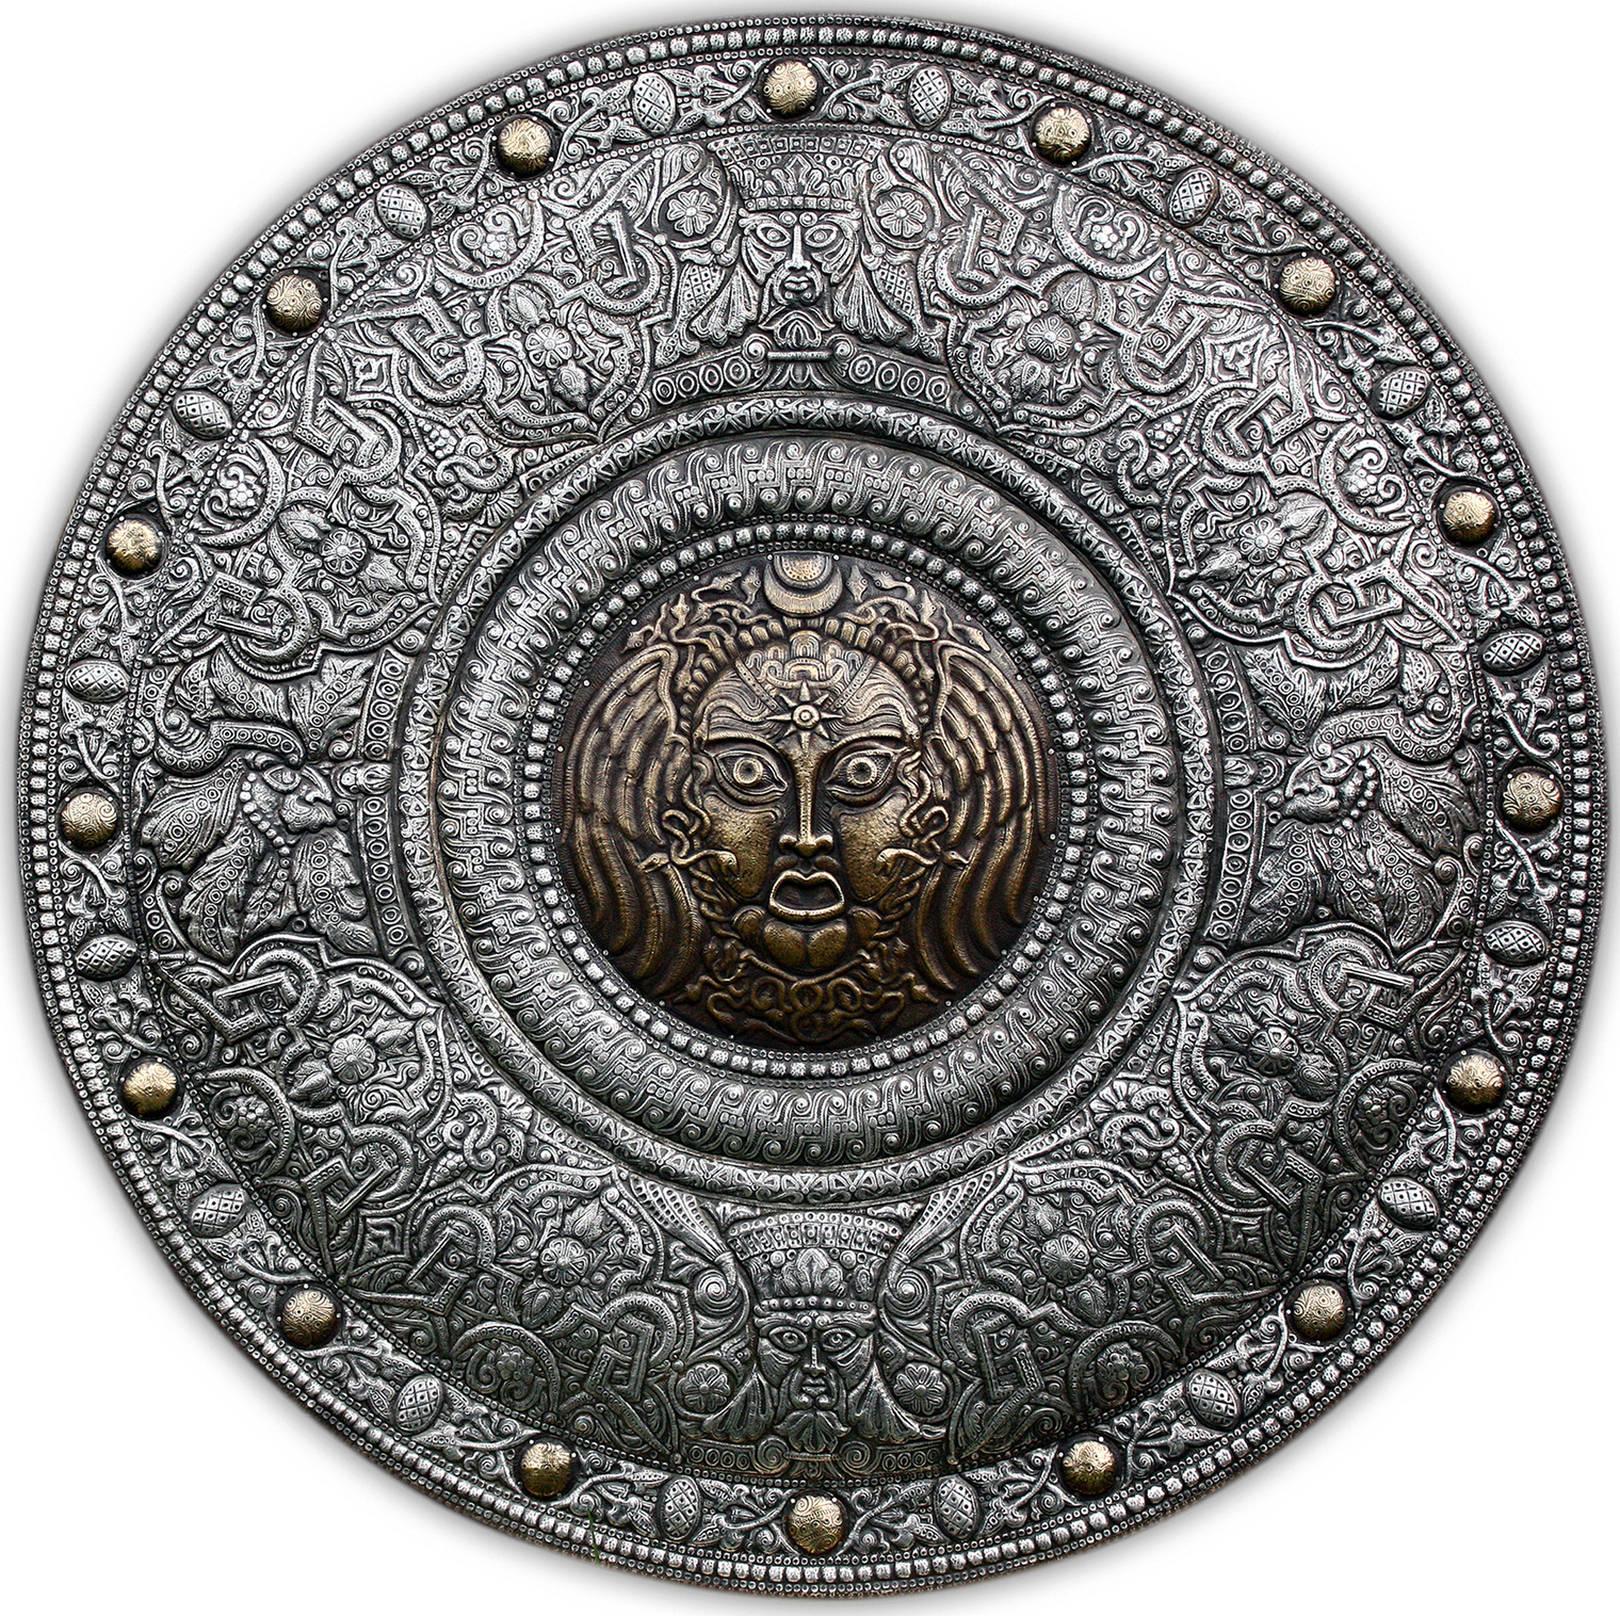 Ренессанс. Медуза Горгона (декоративный щит – панно)  2010 г.                                                             Алюминий, латунь; чернение  93 х93 см